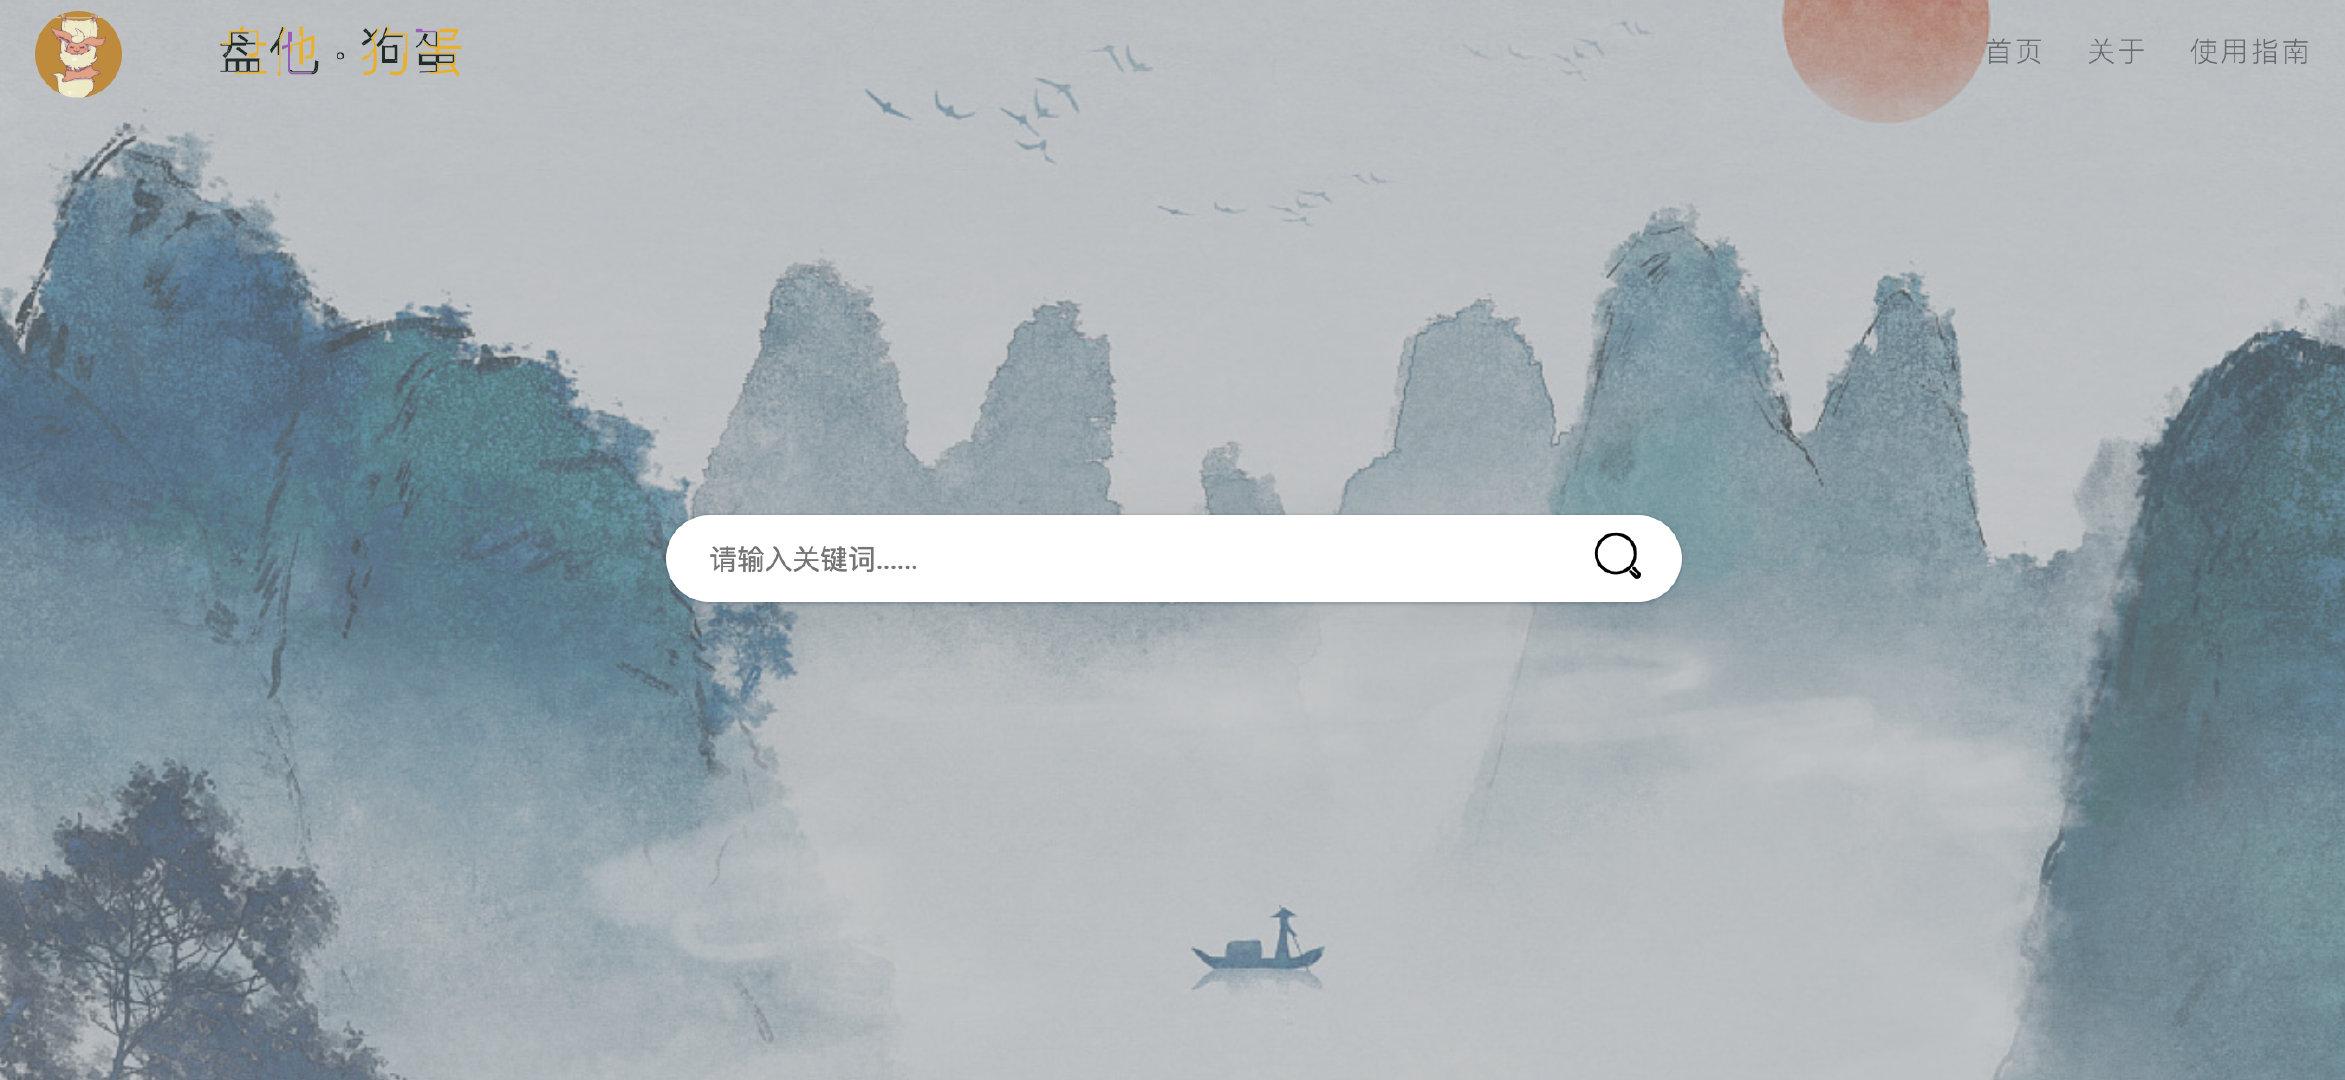 《推荐3款好用的百度网盘搜索引擎》